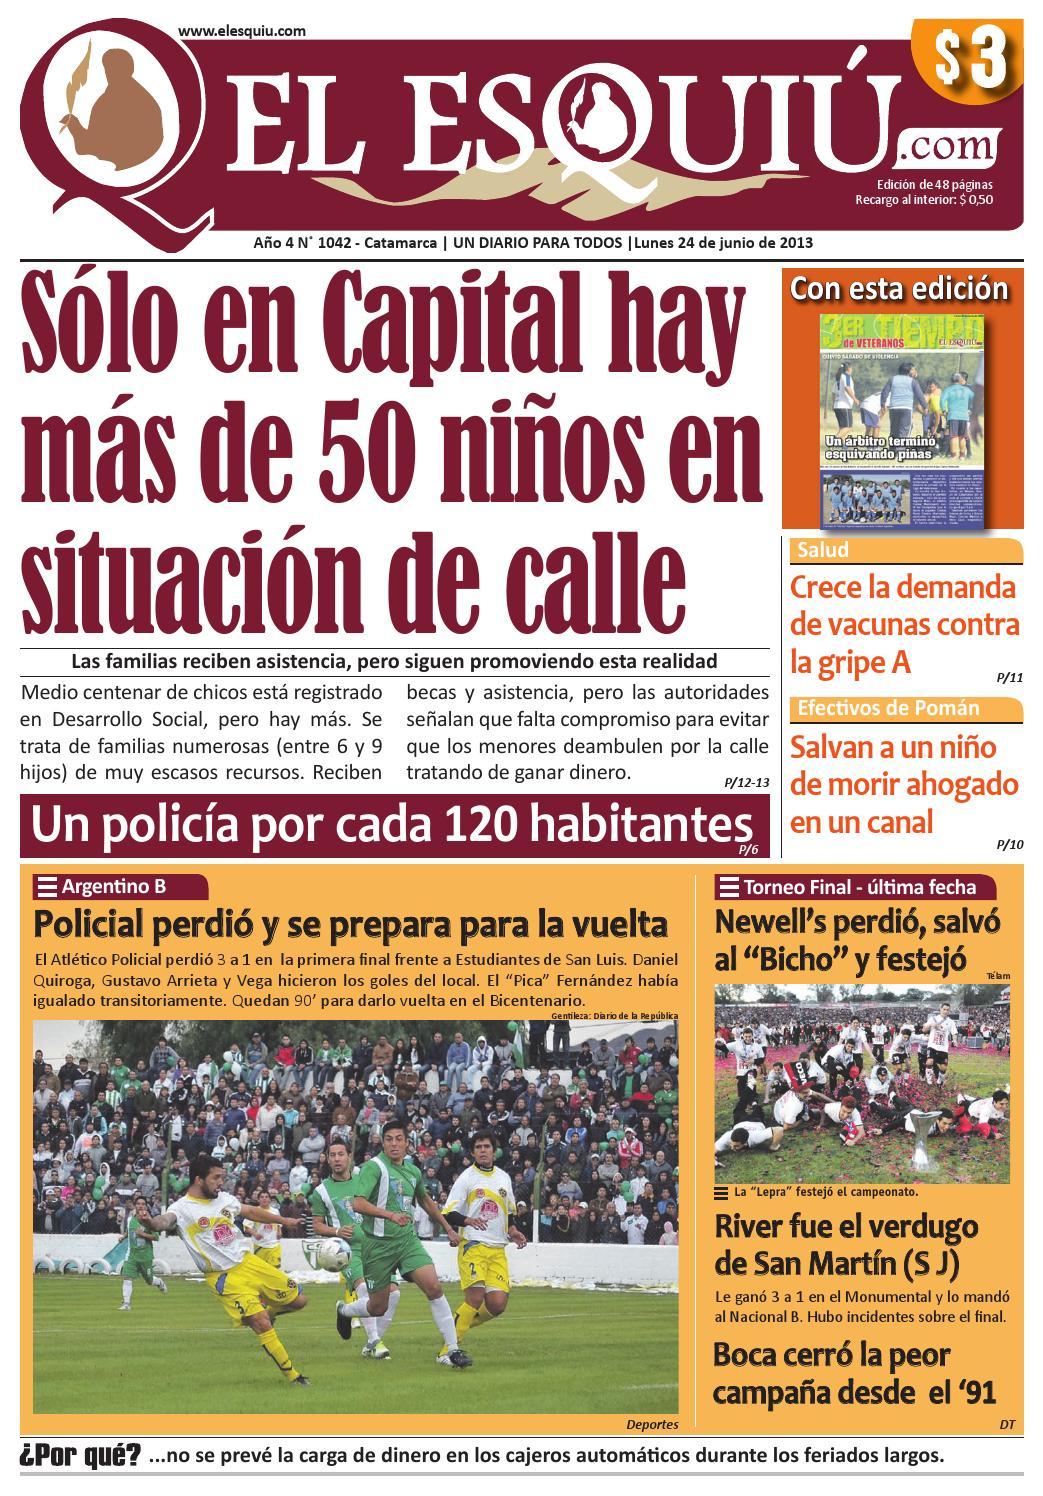 24 06 13 by esquiu diario - issuu